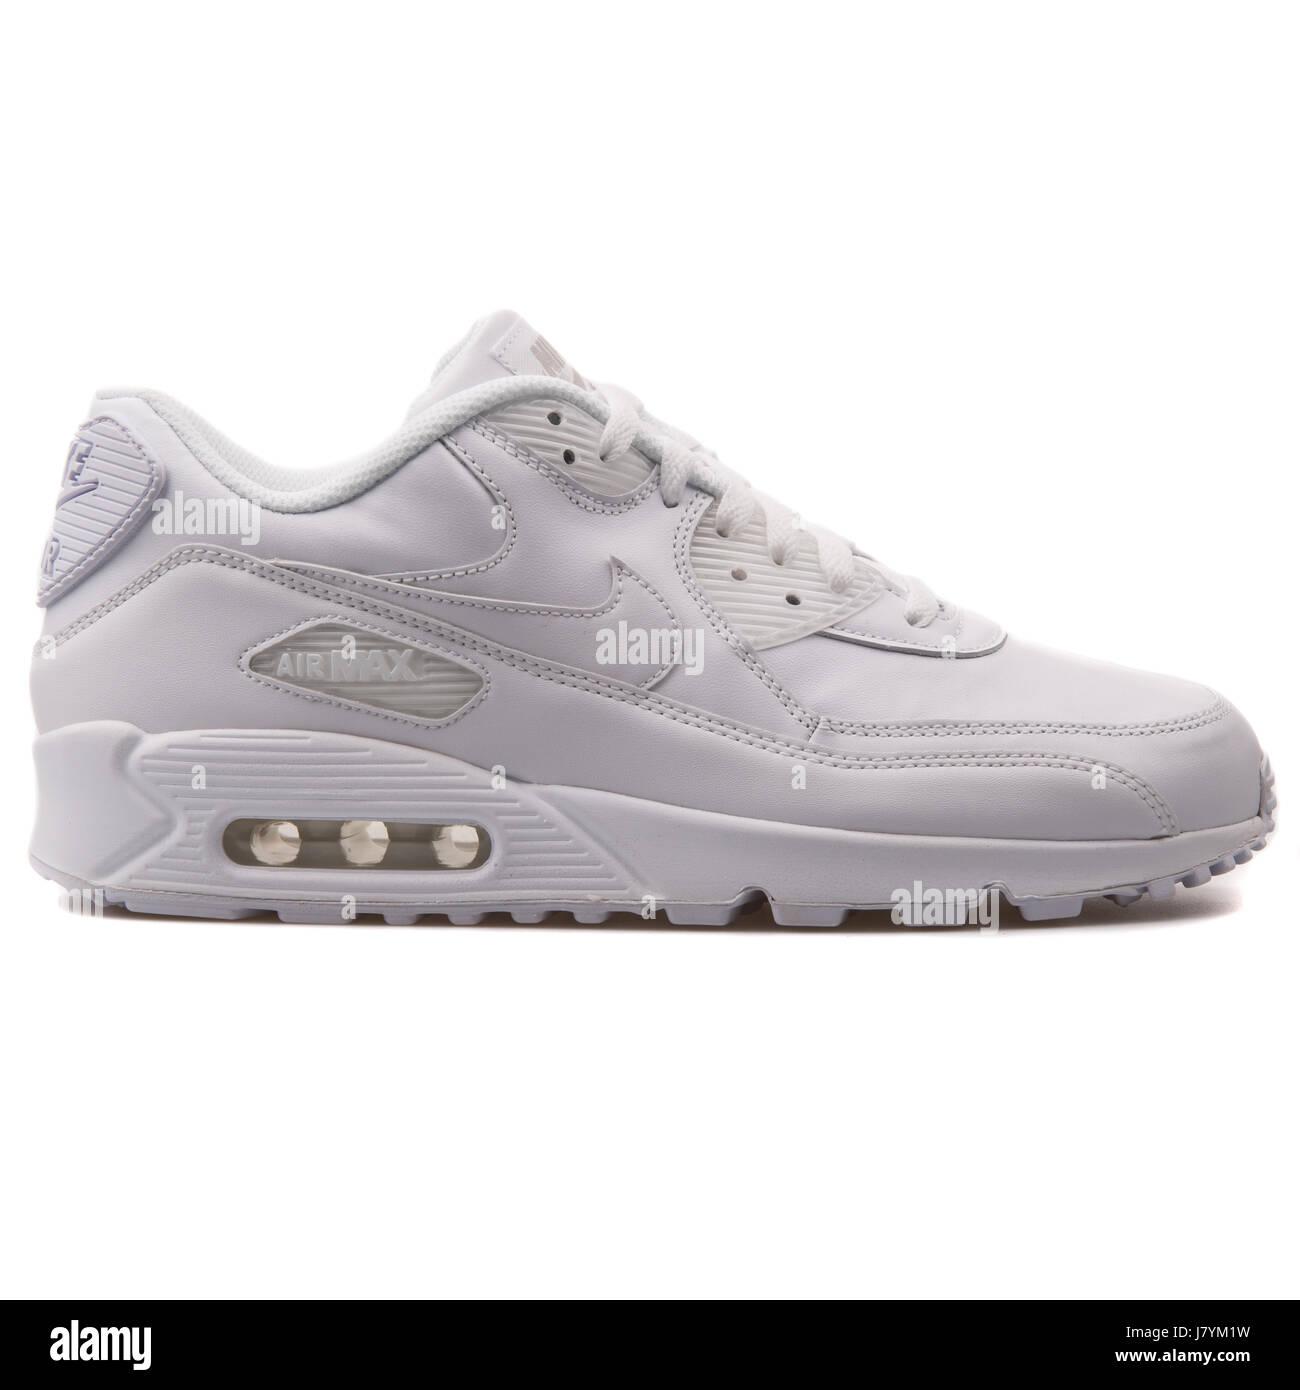 separation shoes e4d84 3e029 Nike Air Max 90 hombres blancos de cuero de cuero de zapatillas deportivas  - 302519-